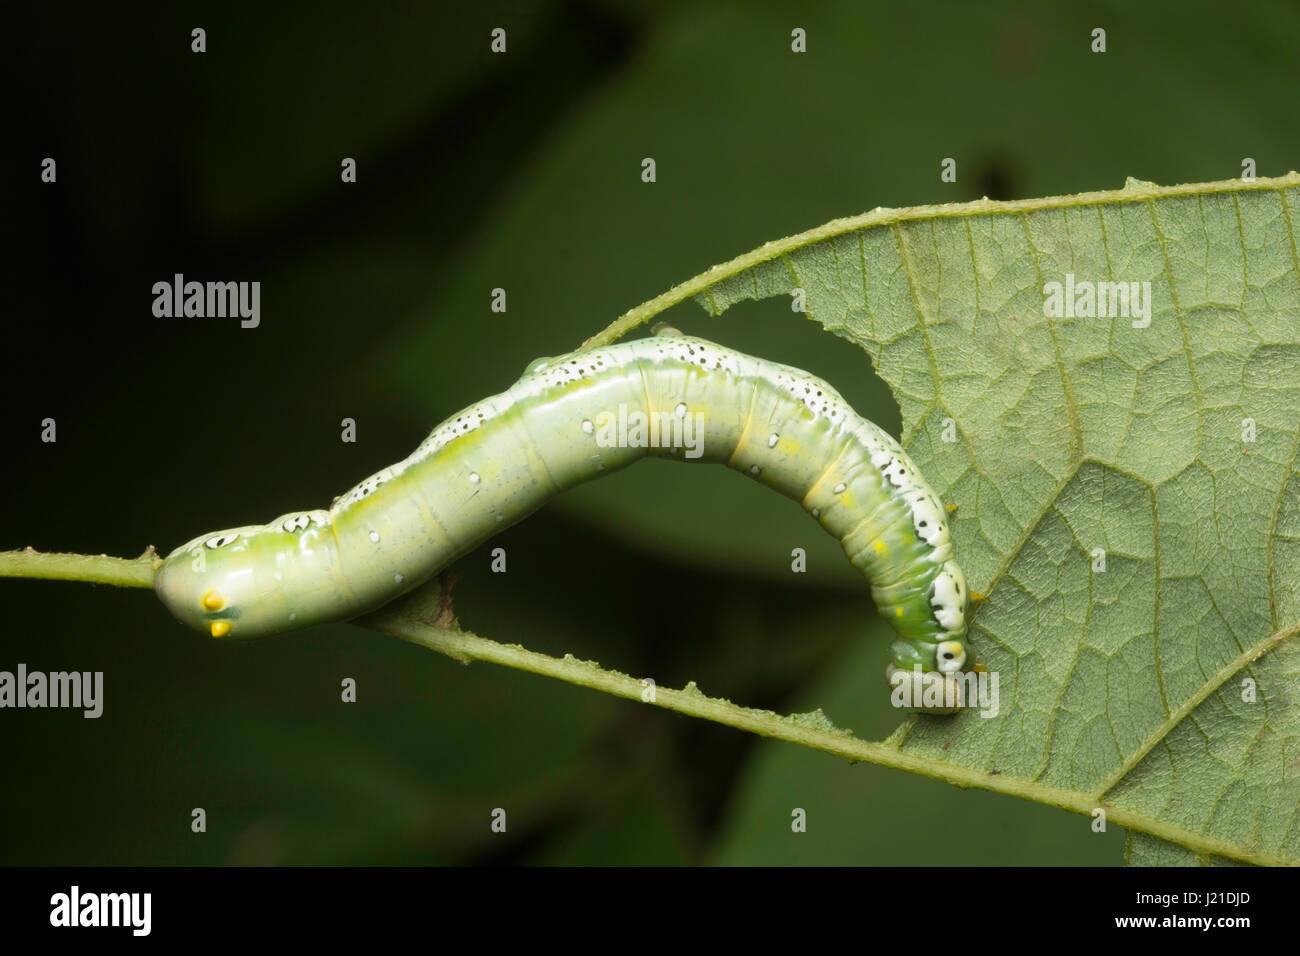 colourful caterpillar stock photos u0026 colourful caterpillar stock